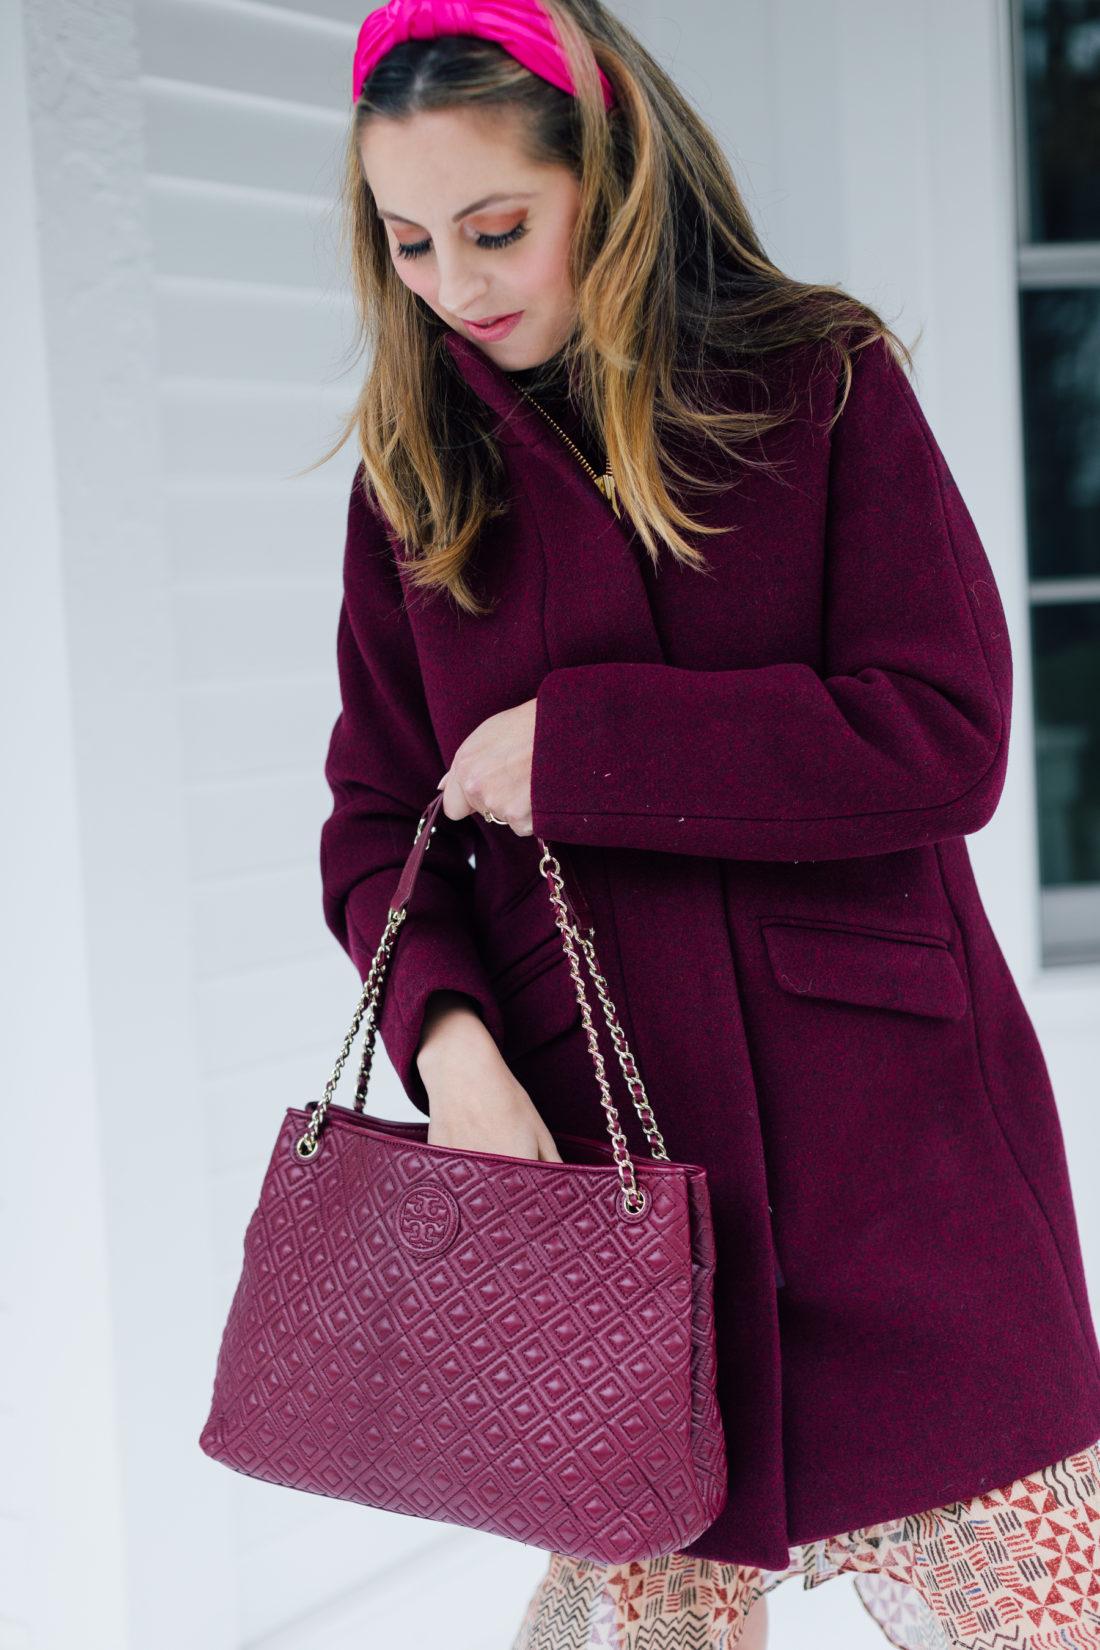 Eva Amurri Martino wears an inexpensive Maroon Winter Coat from J.Crew